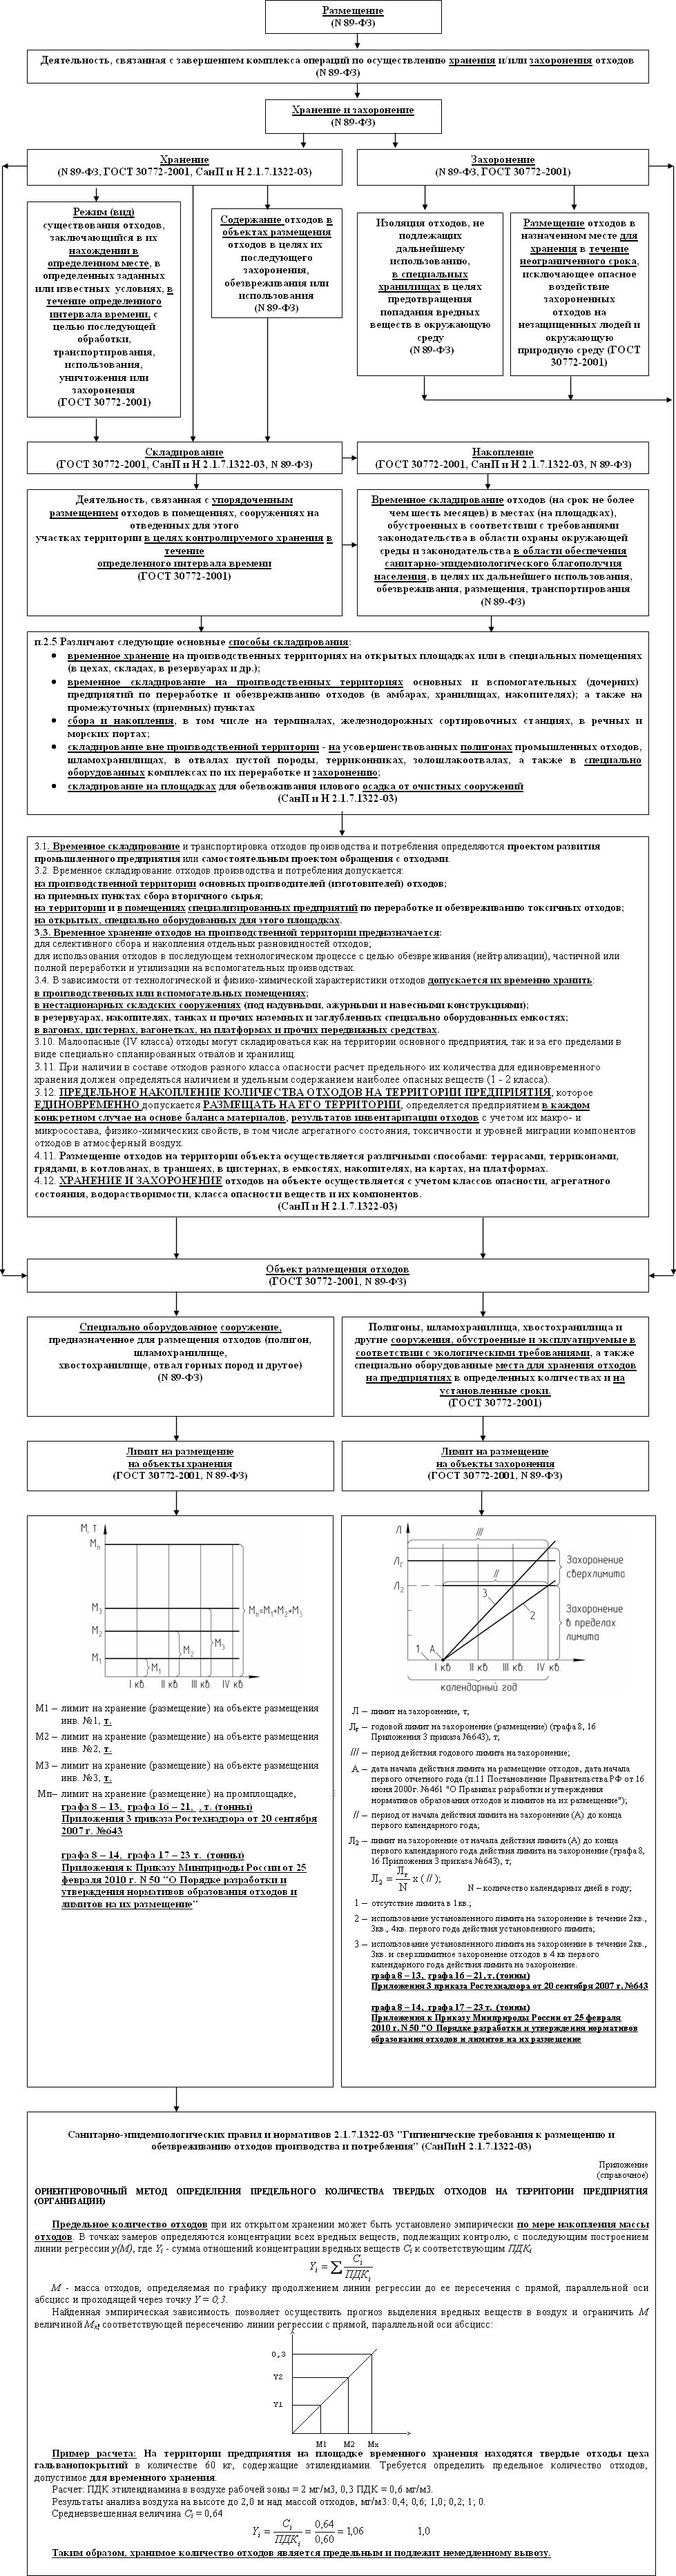 Заявление для утверждения пноолр образец 2015